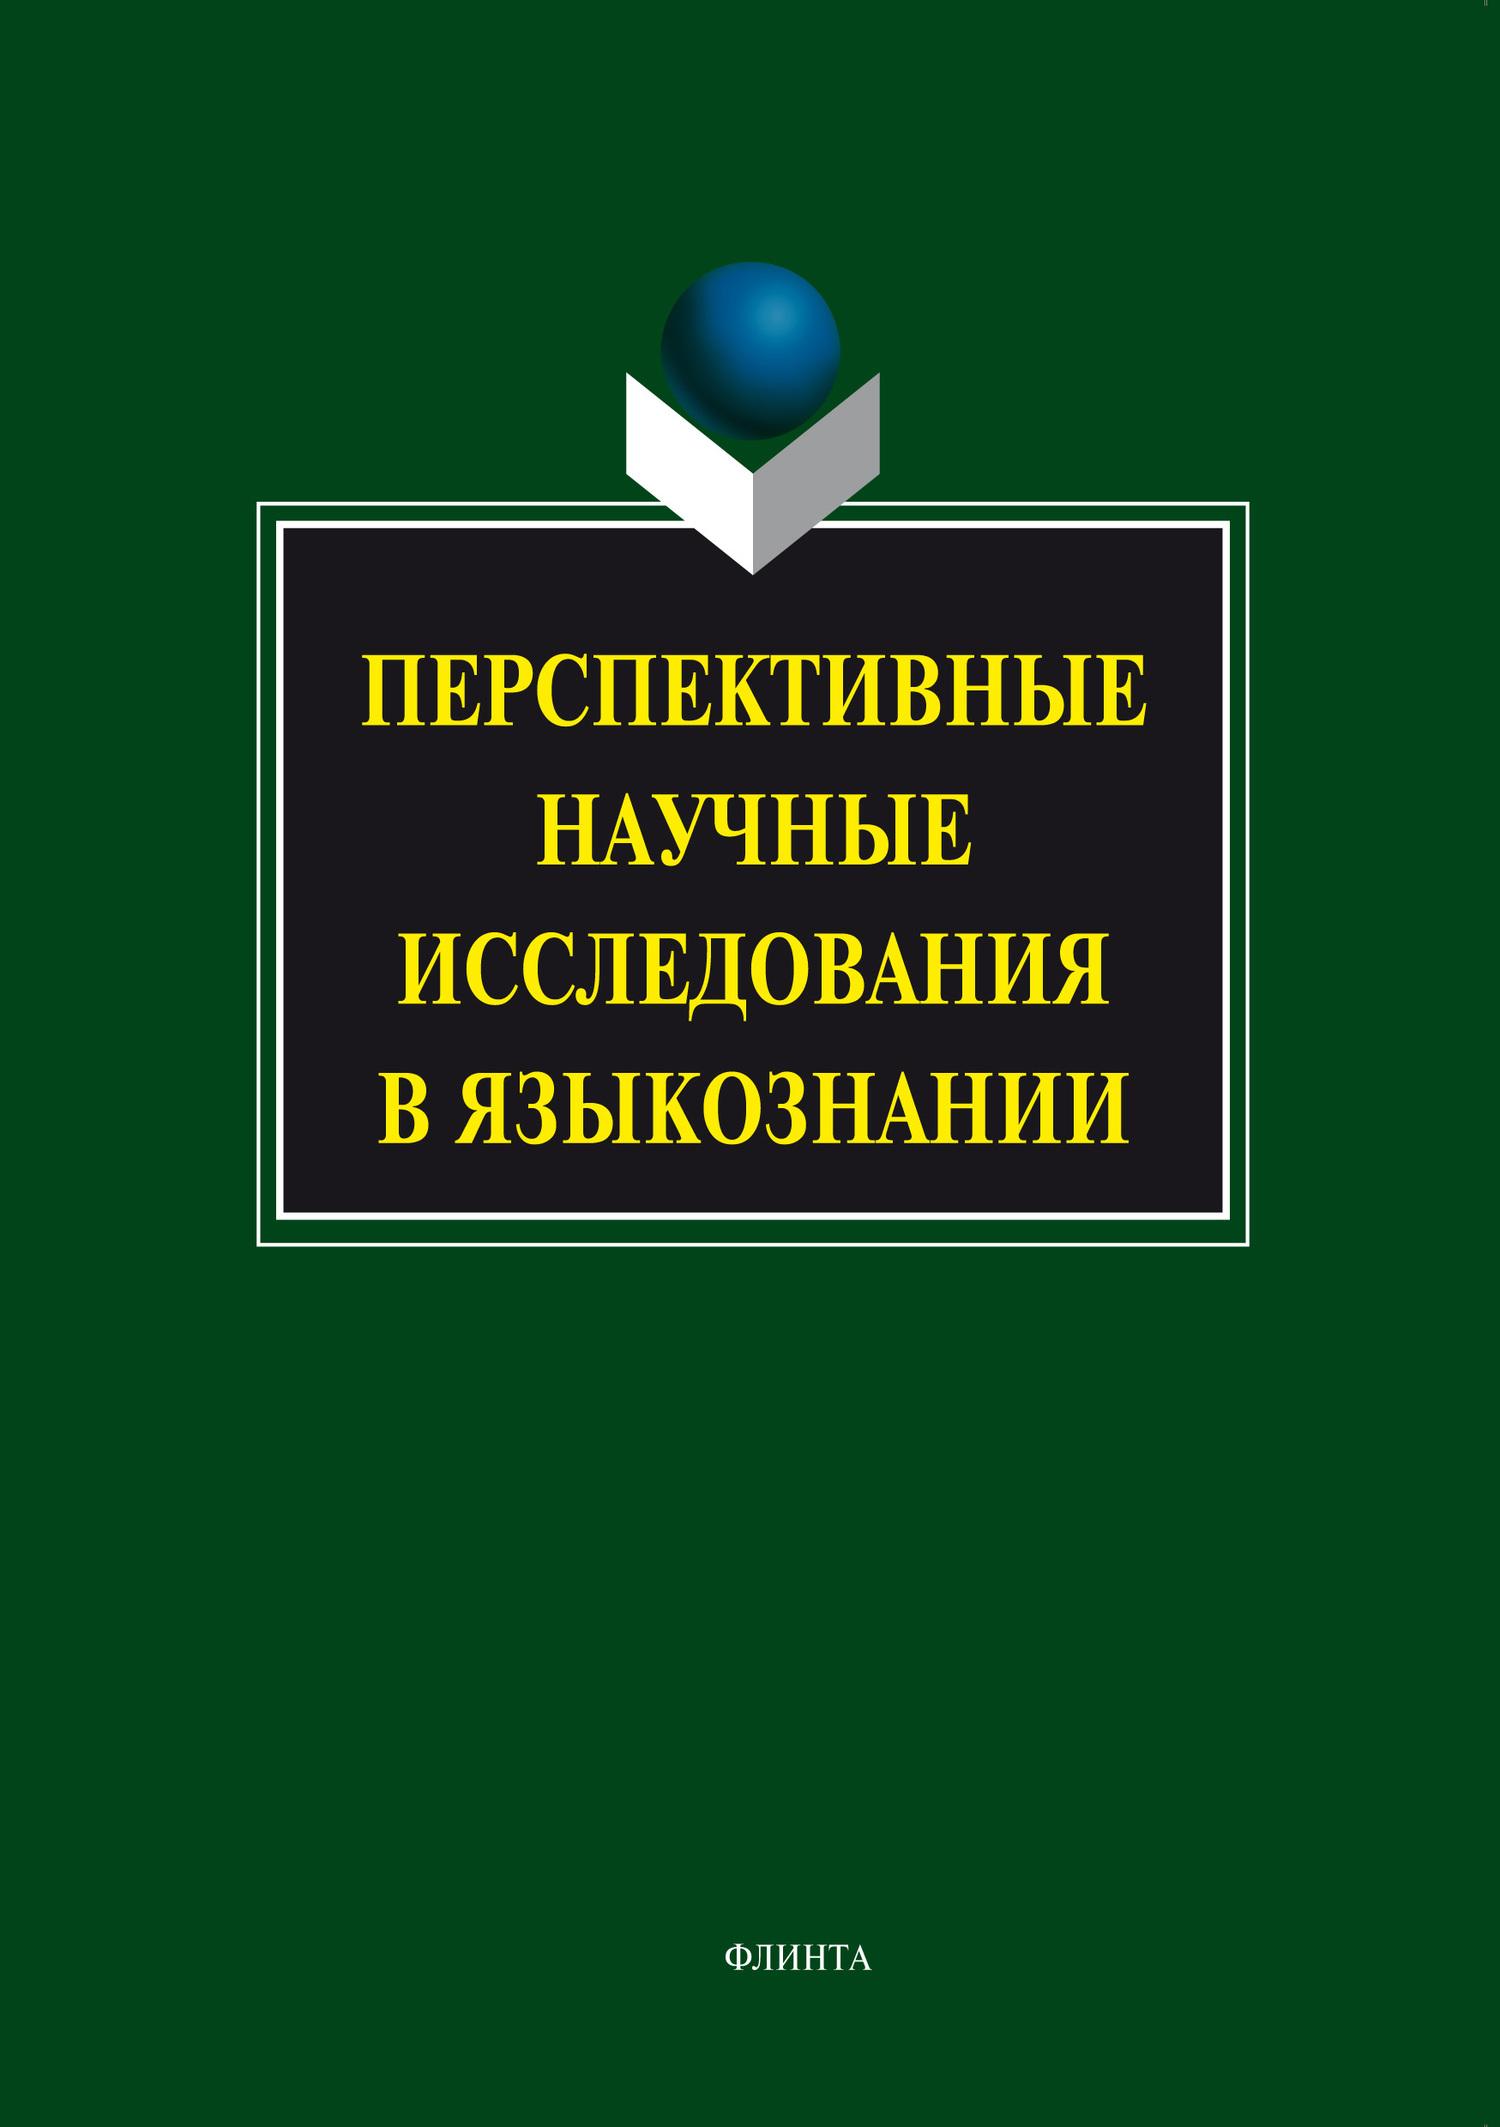 цена на Коллектив авторов Перспективные научные исследования в языкознании